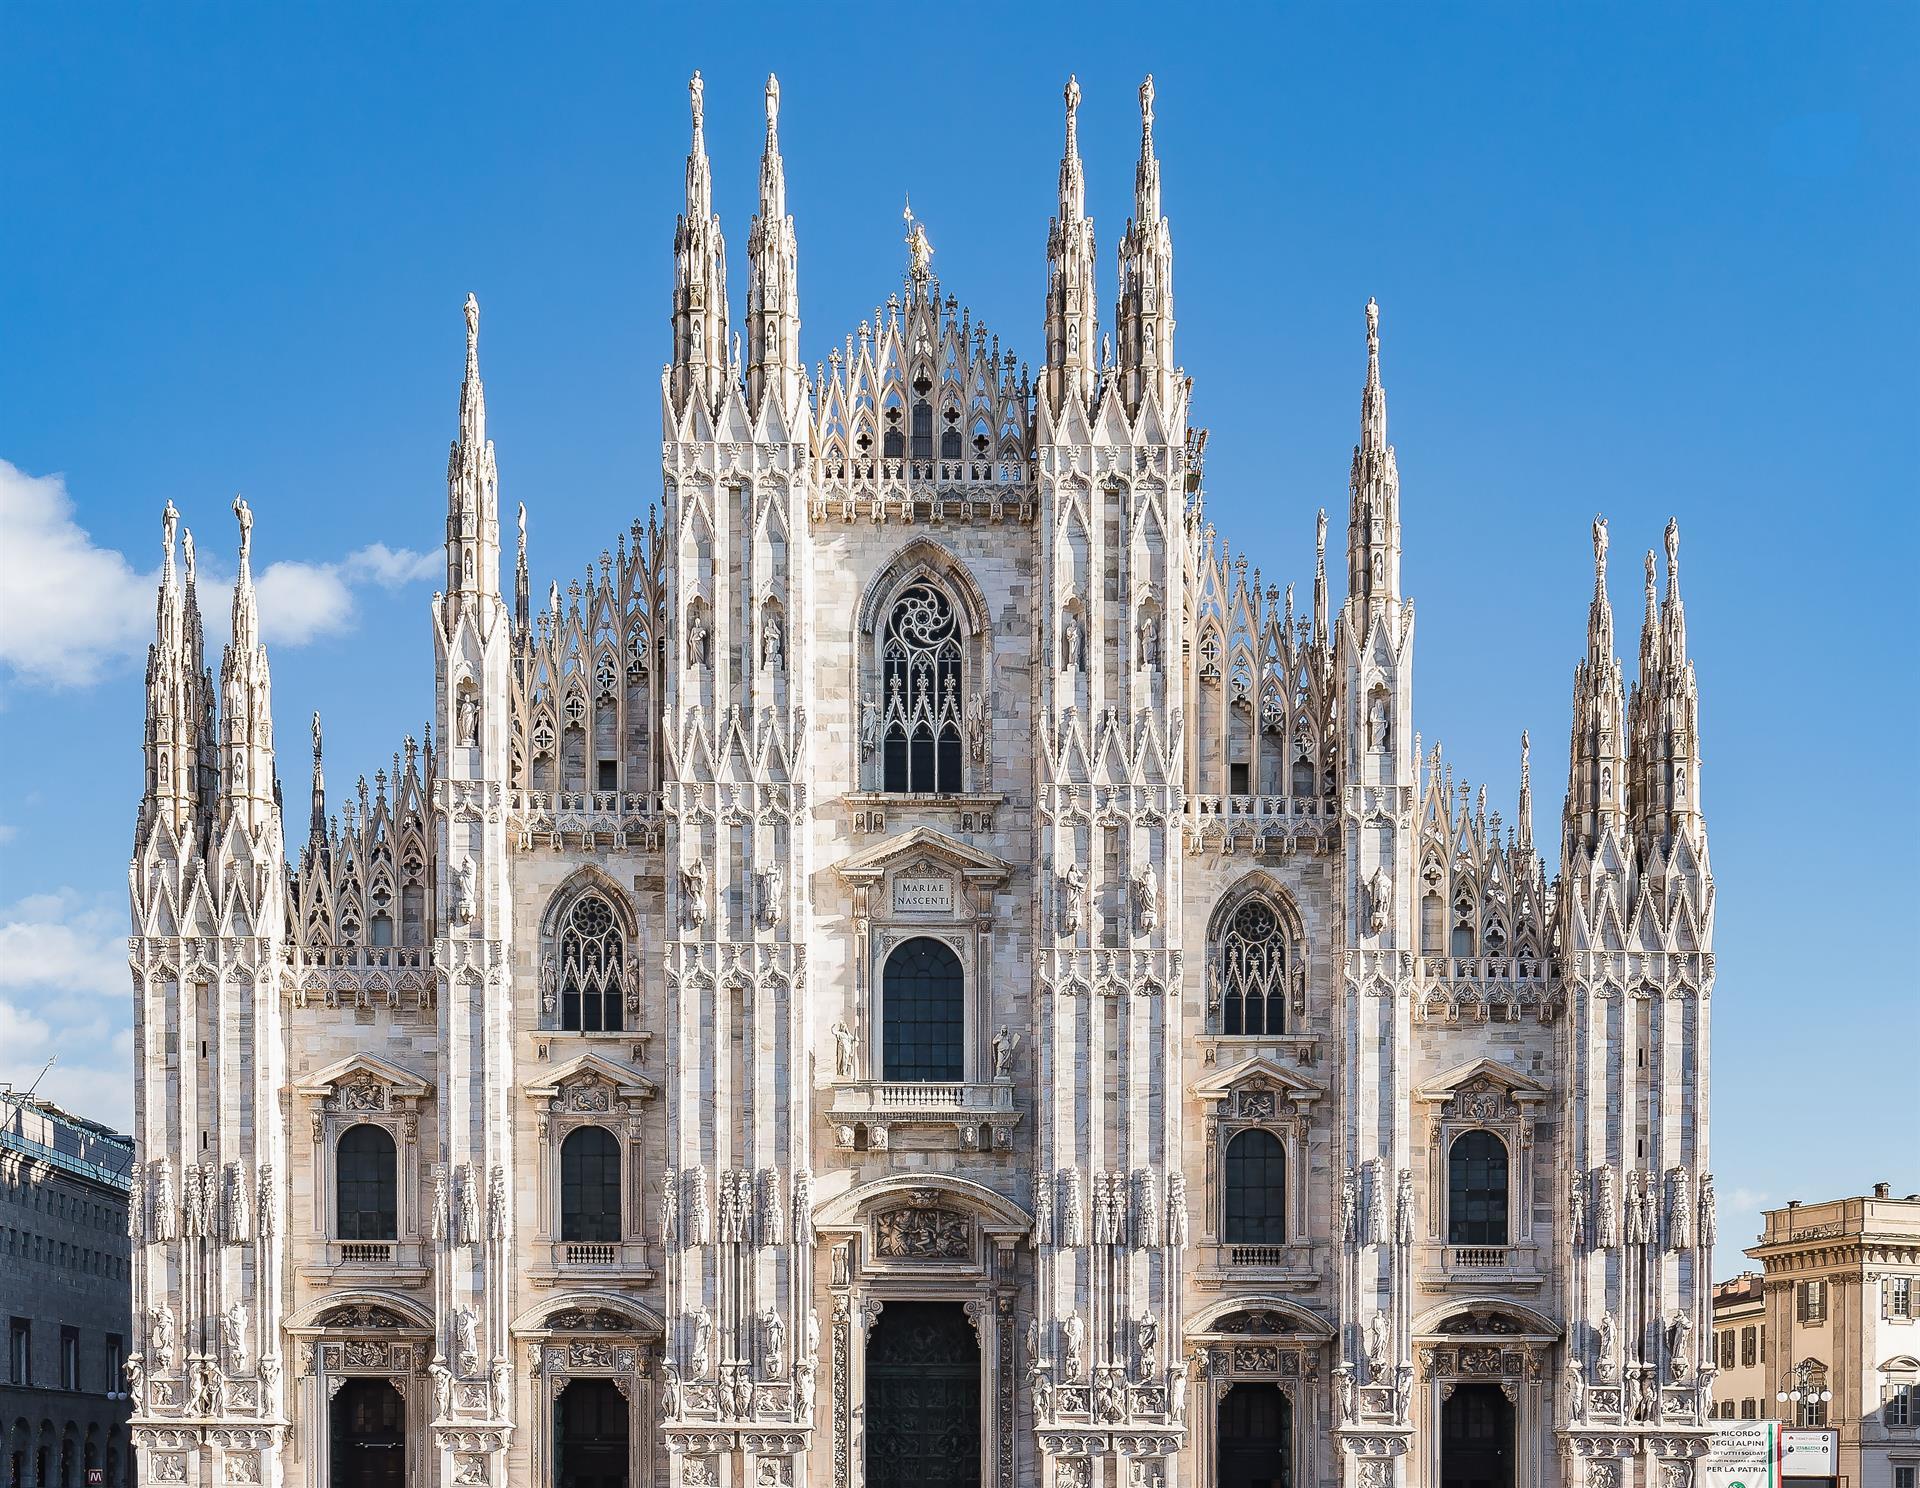 Loty na weekend do Mediolanu z Krakowa (MXP Malpensa, nie Bergamo)